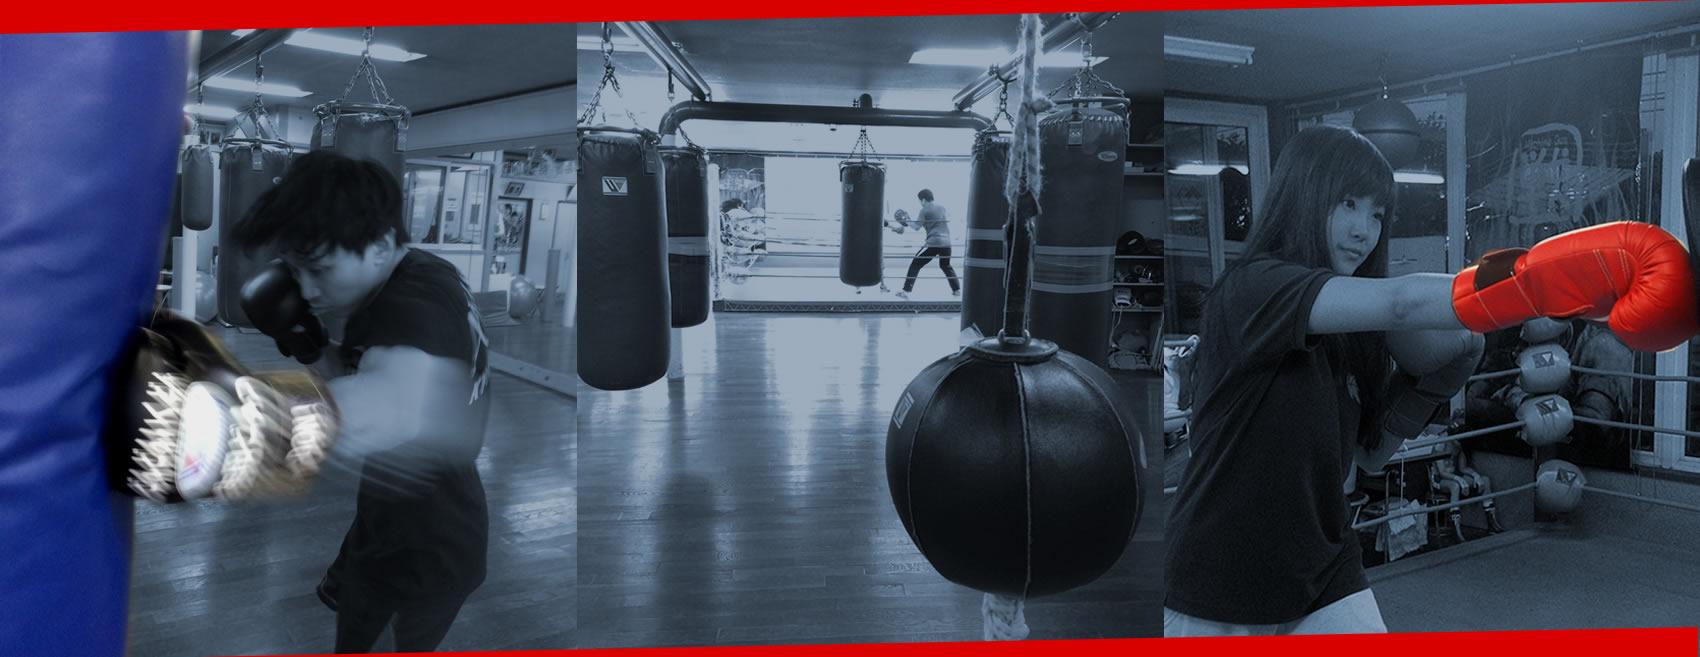 協栄札幌赤坂ボクシングジム